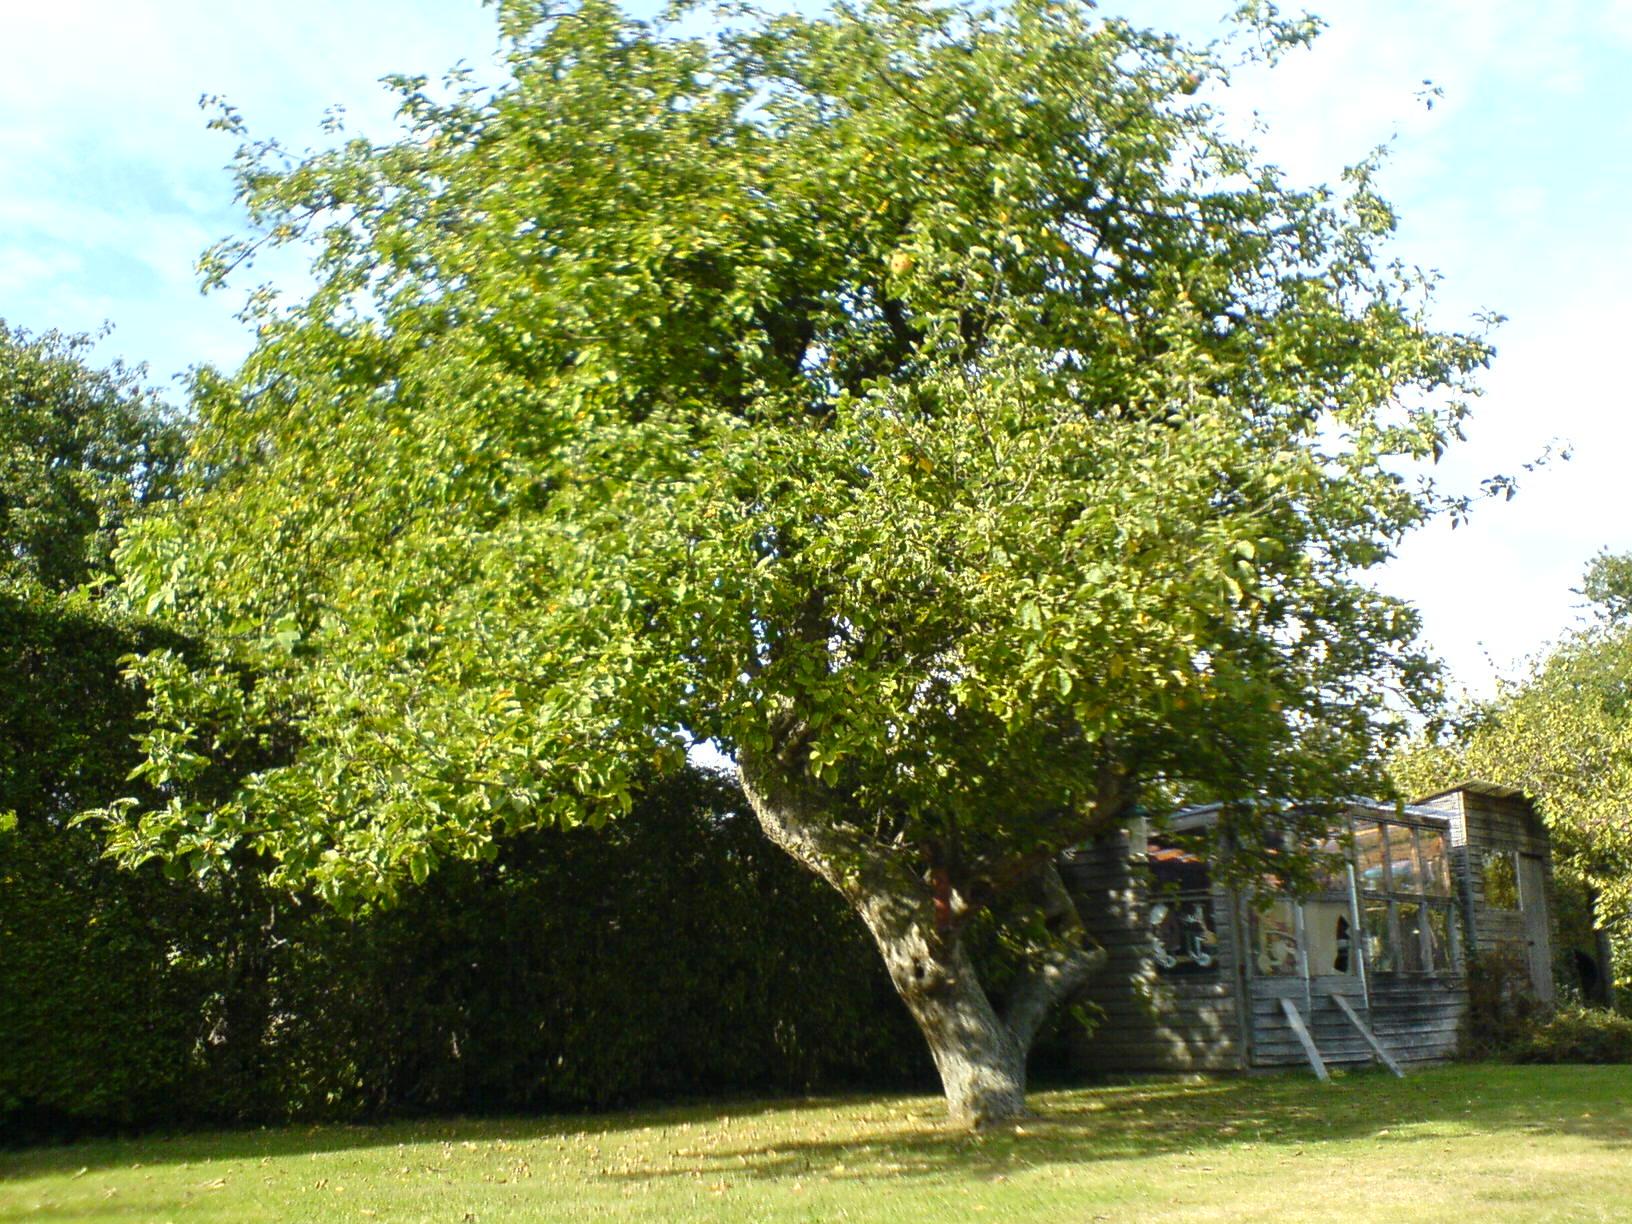 L albero del melo amico dell albero della vita altrotutto for Albero da frutto nano